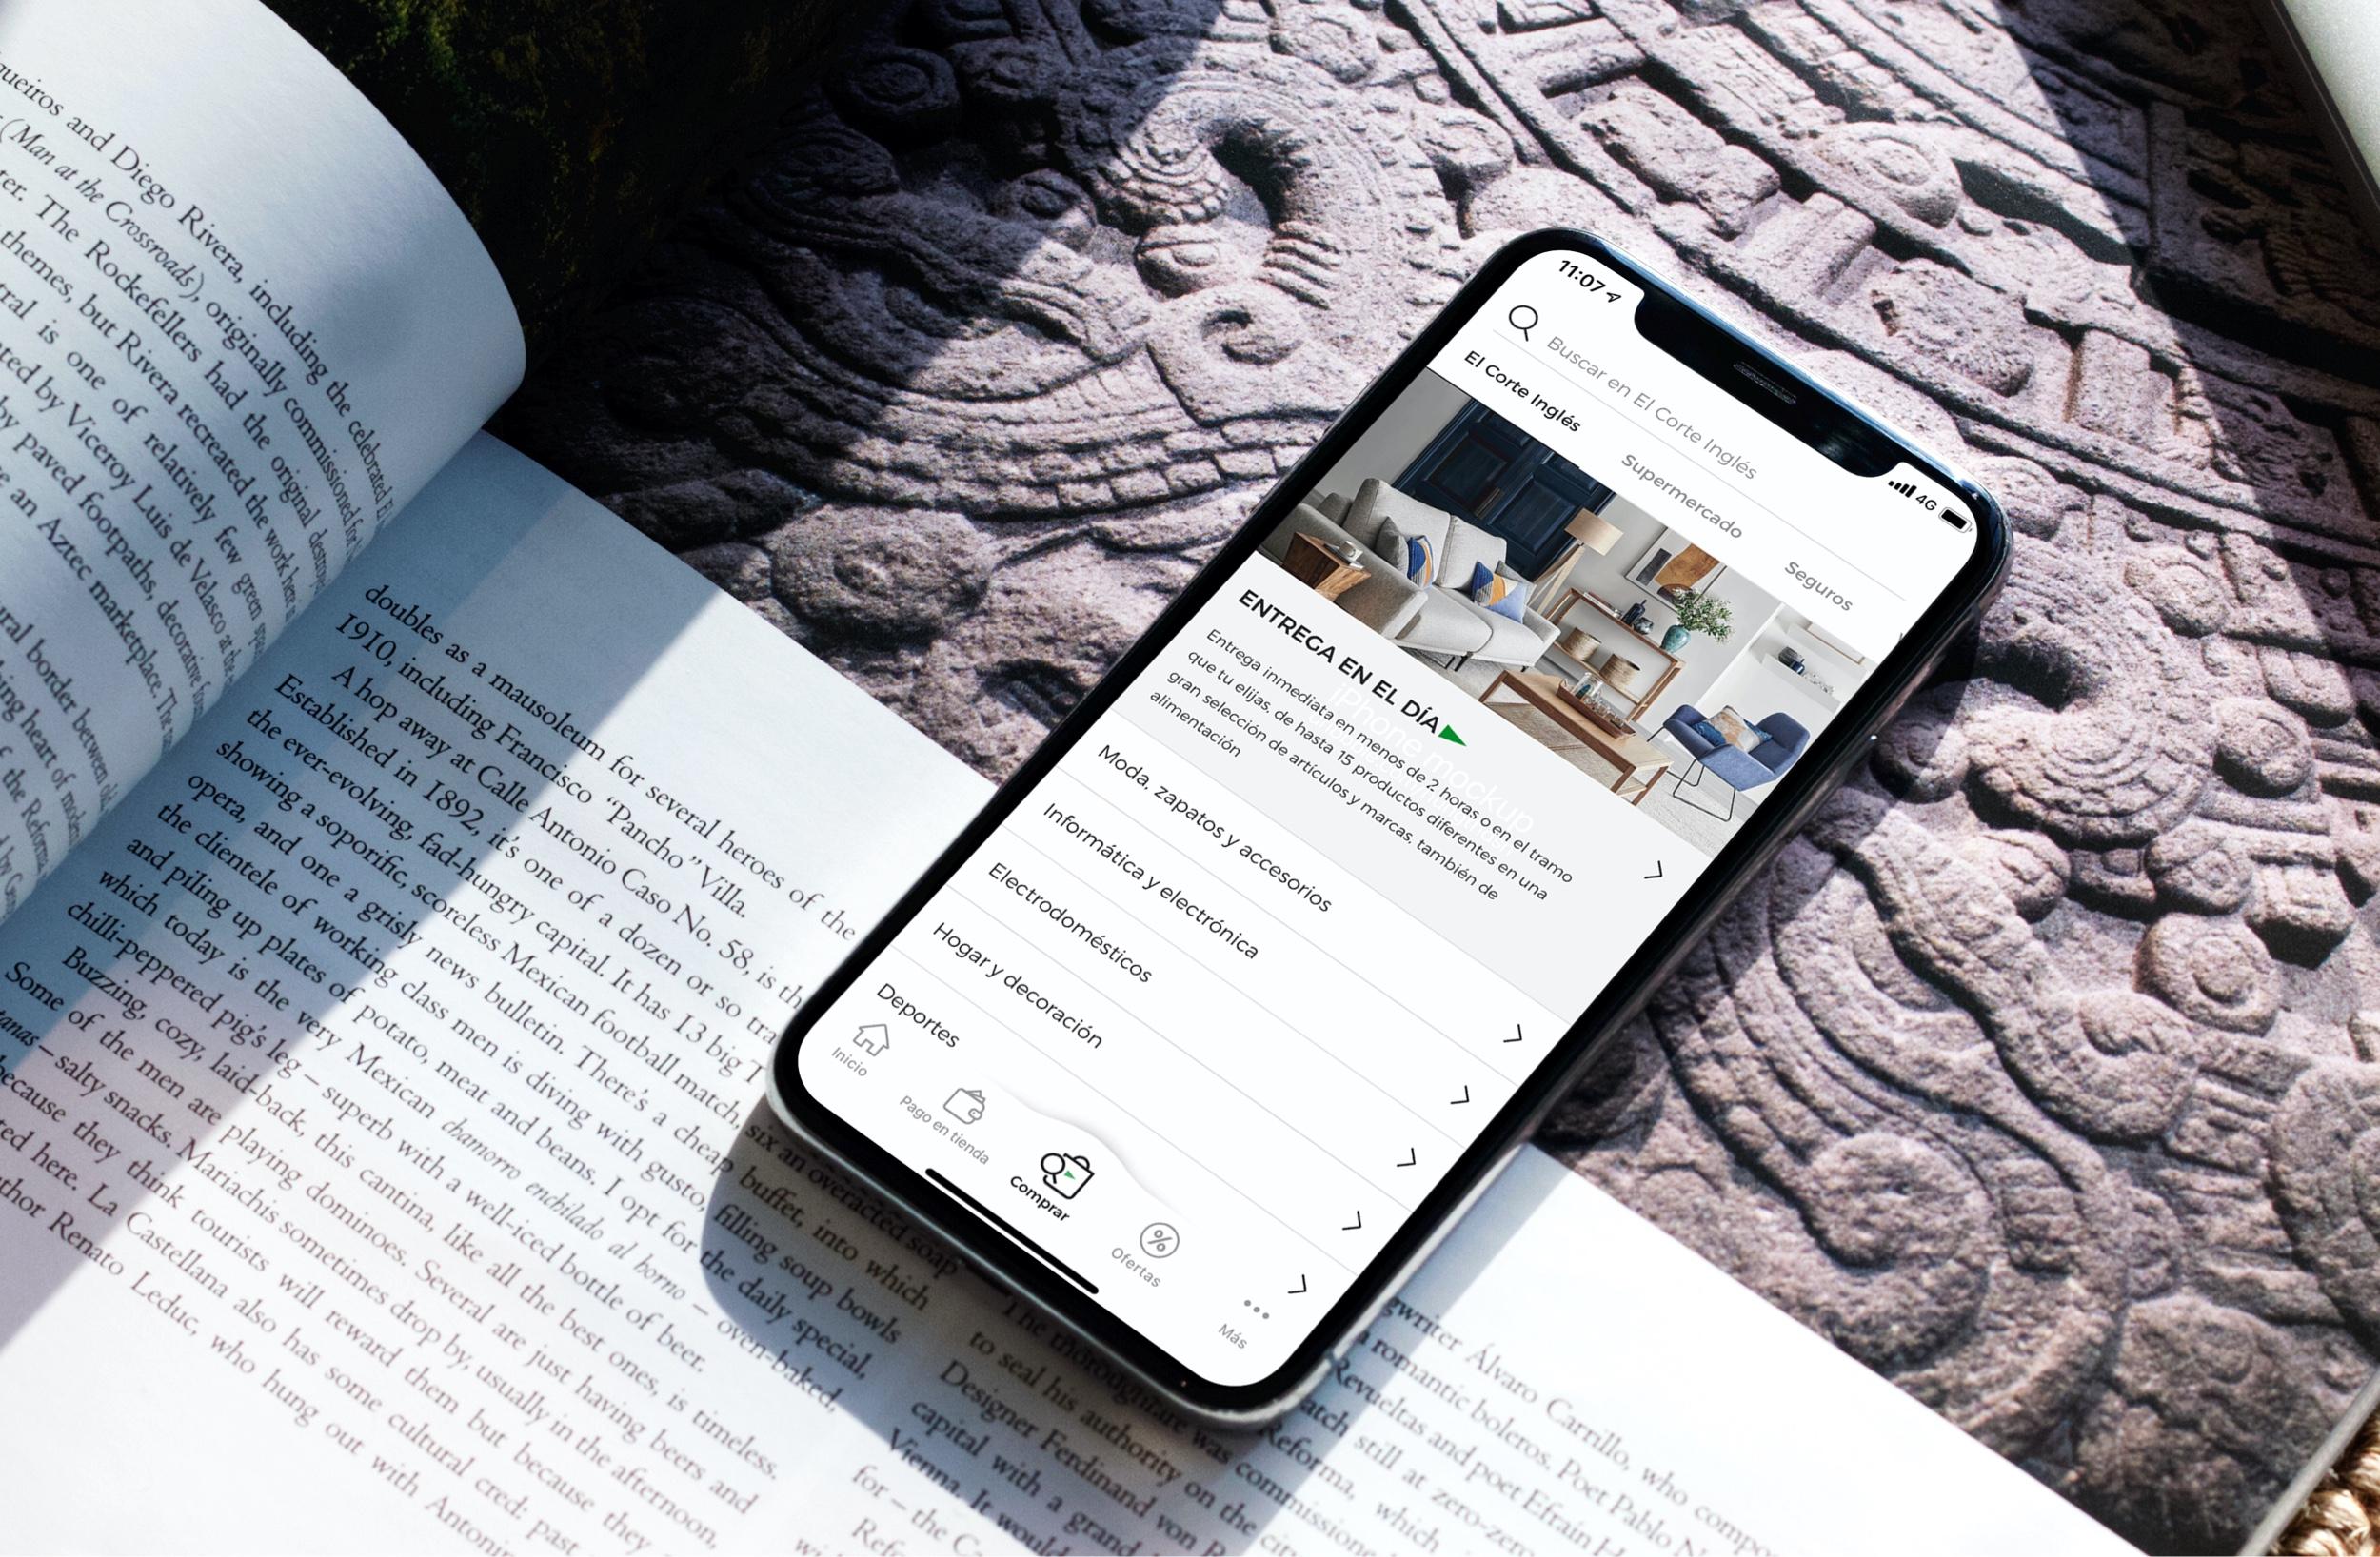 La app de El Corte Inglés en un móvil